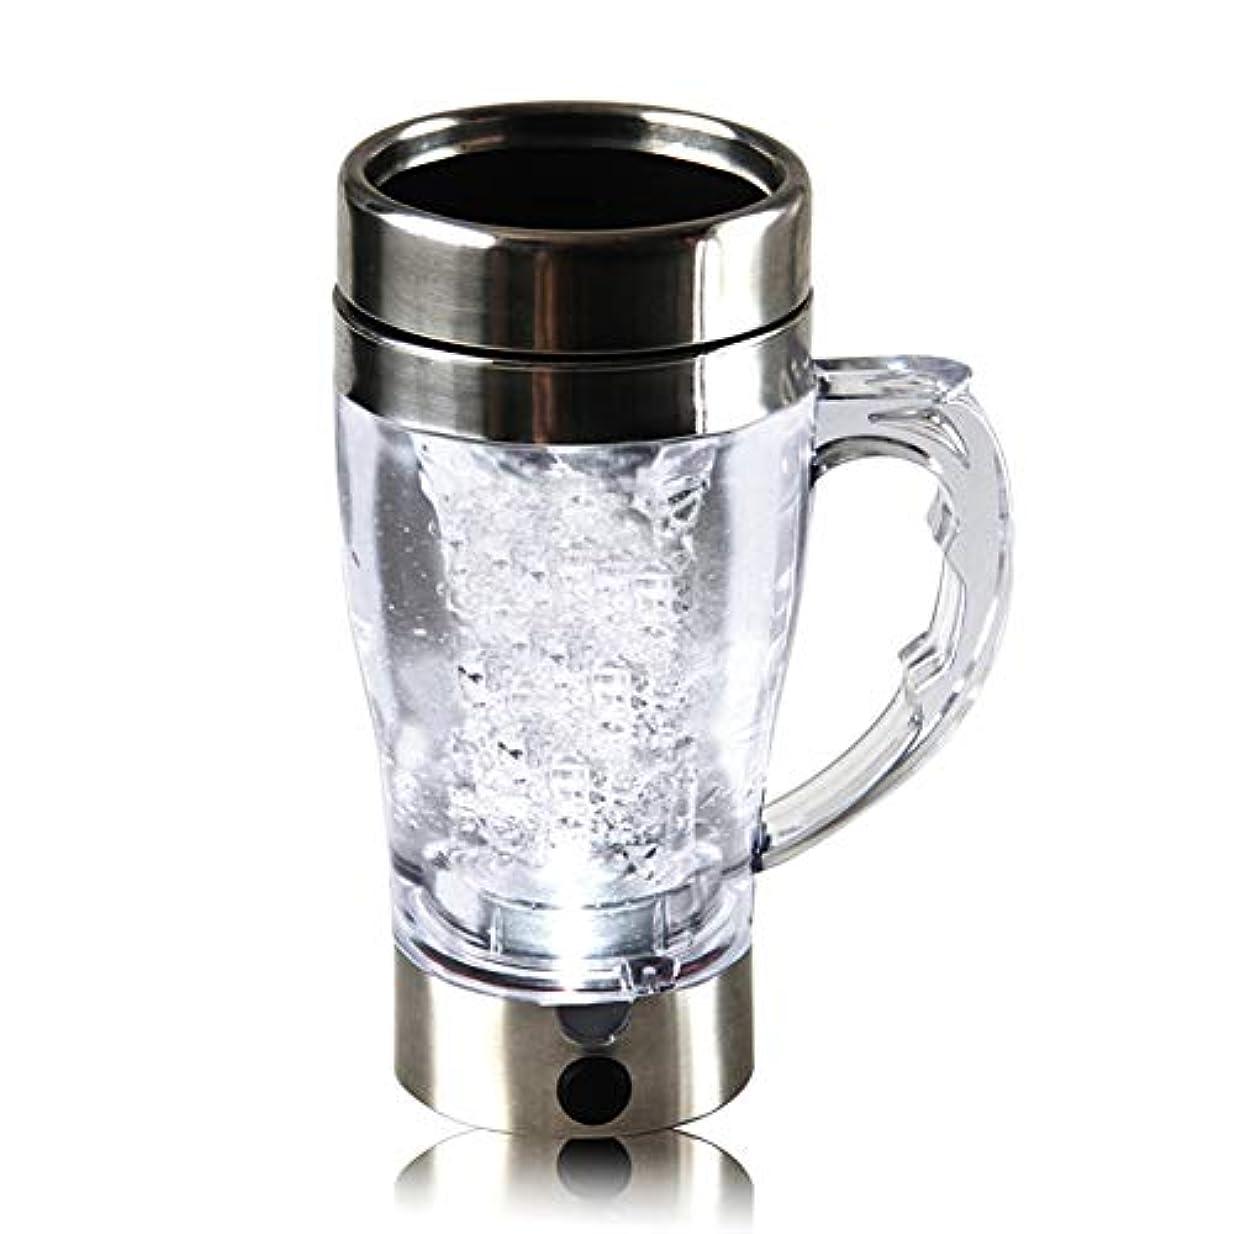 マラドロイト備品落ち着かないBULemon自動ミキシングコーヒーミルク動シェーカー プロテインシェイカー シェーカーボトル 電動 耐熱 コーヒーミキサー オートミキシング ボトルブレンダー